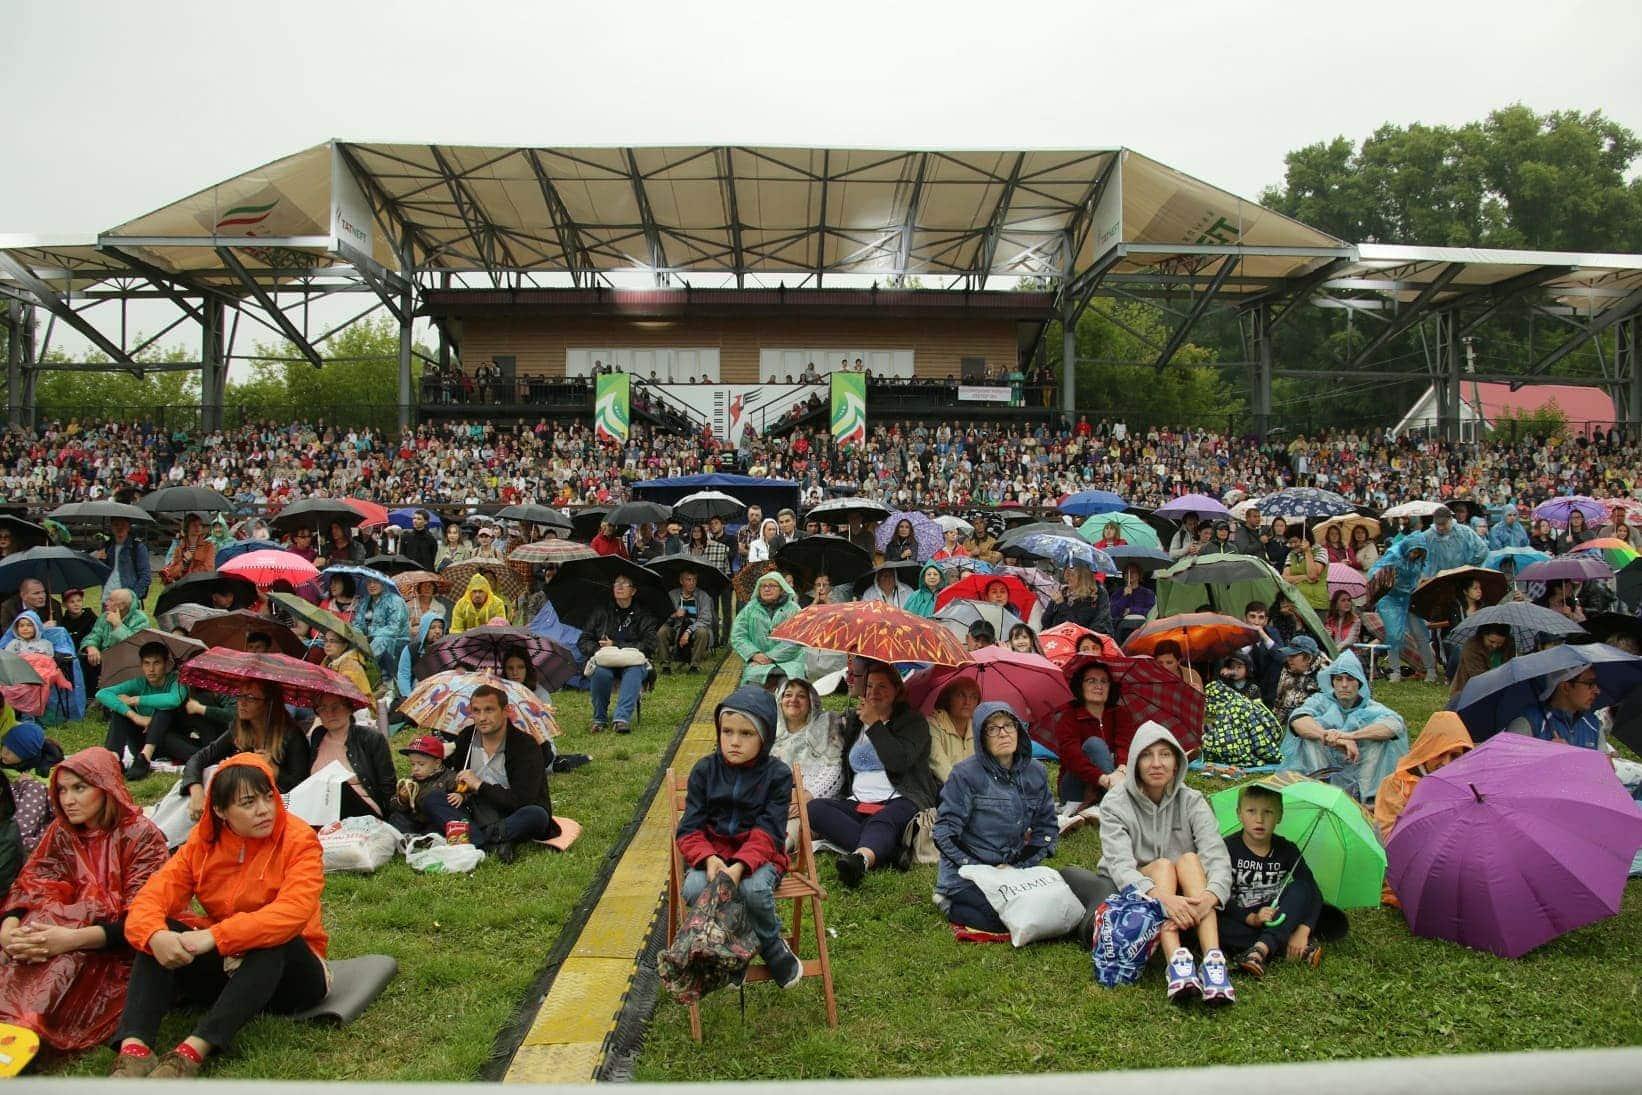 Елабужская публика слушает программу «Джаз и не только...» 12 июля 2019. Елабуга